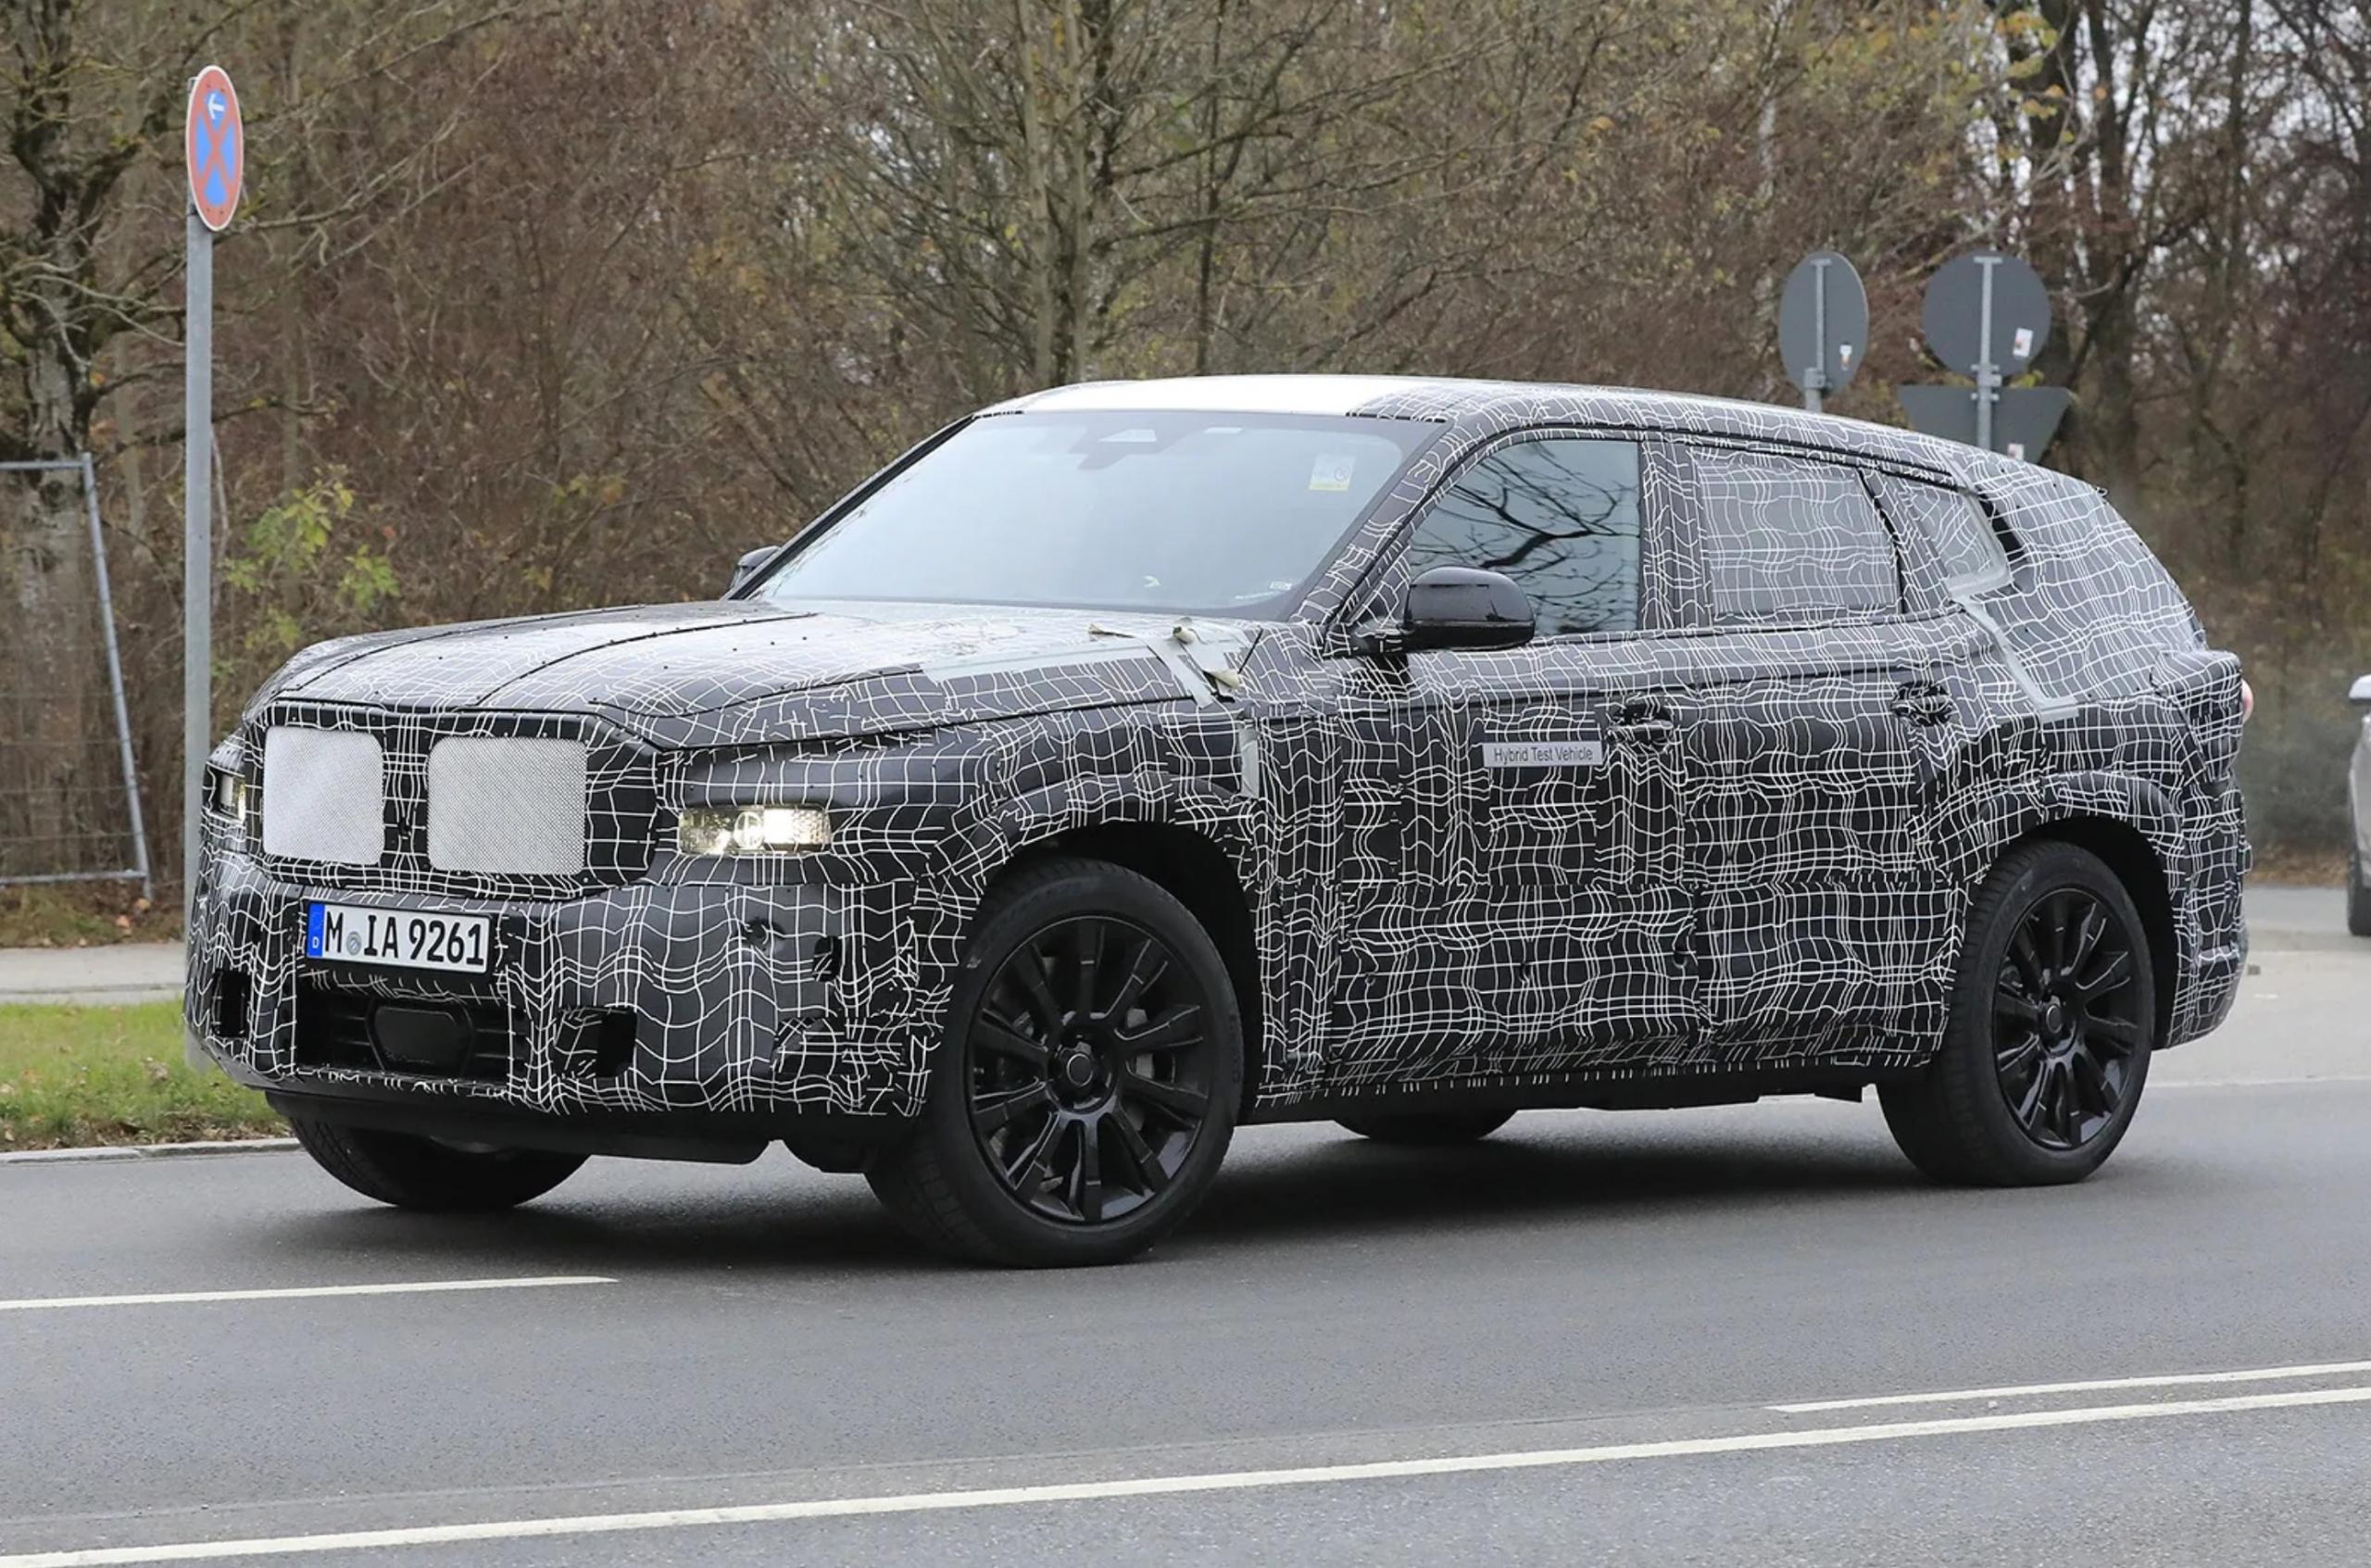 أعلنت بي إم دبليو استعدادها بدء إنتاج سيارة جديدة في مصنع الشركة الأمريكي، ورغم أنها لم تحدد اسم السيارة إلا أن التقارير تكشف عن ذلك، إنتاج X8.